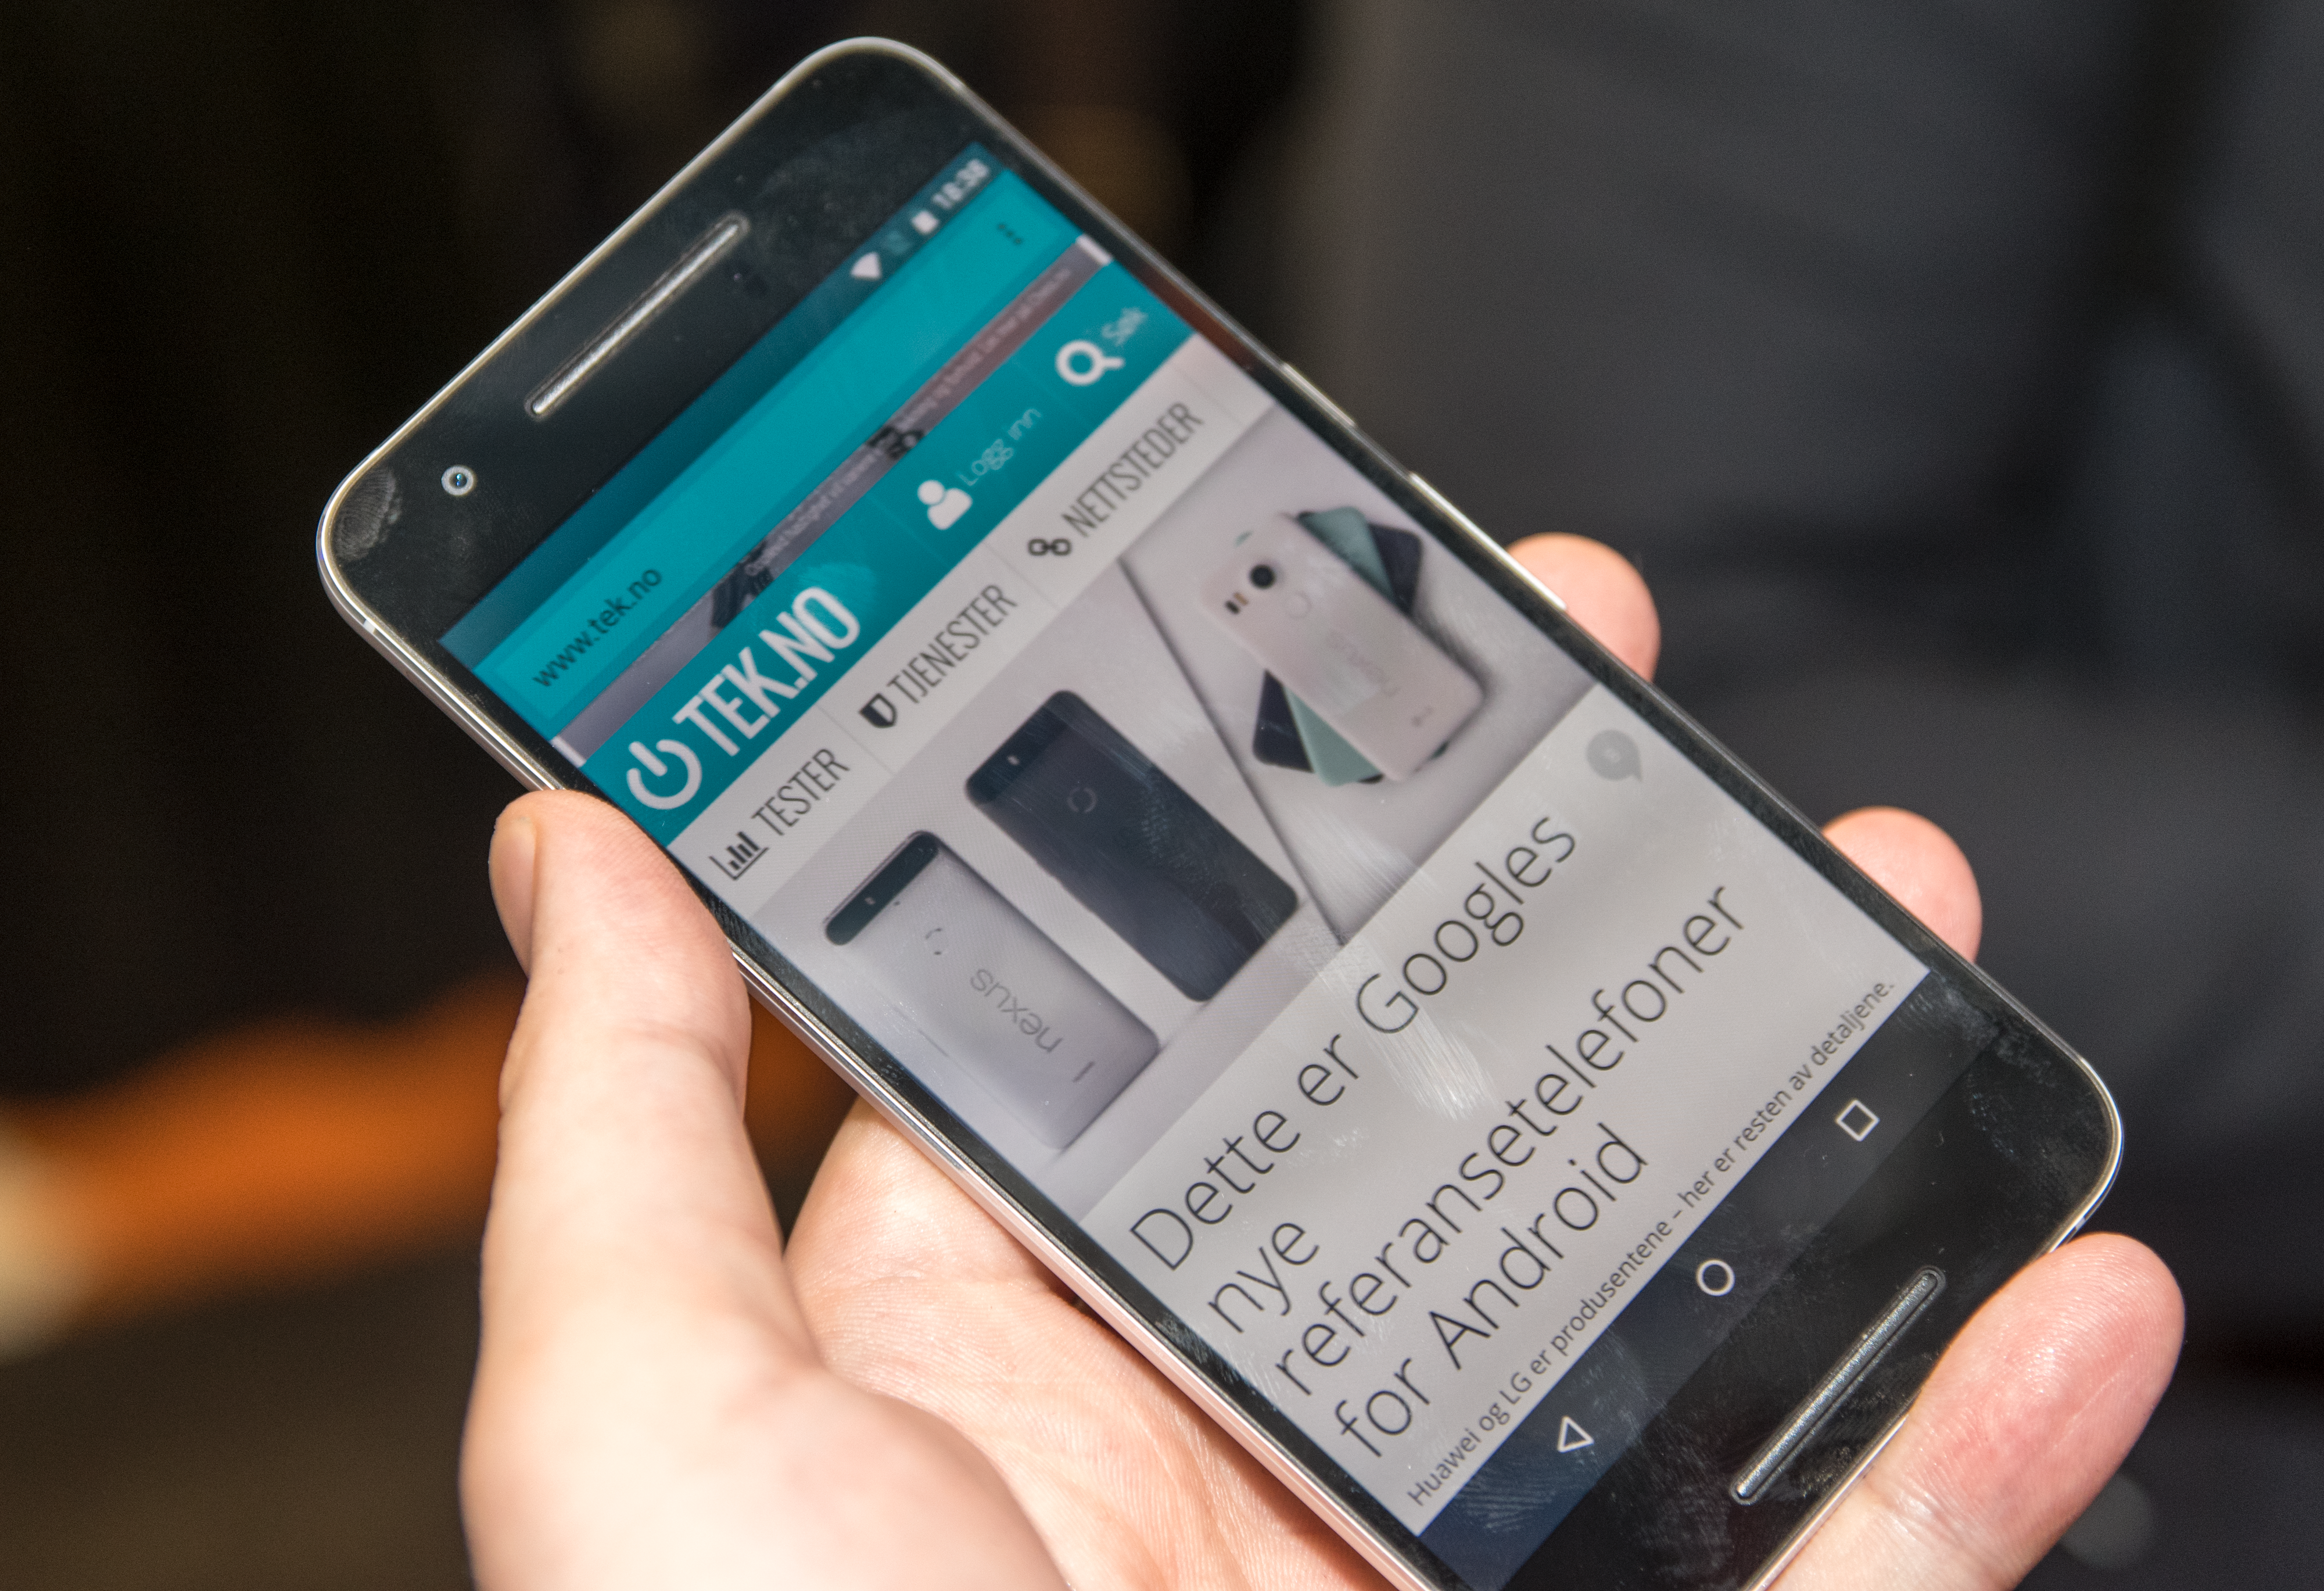 Telefonen er lynrask i bruk og har helt rene Android-menyer. Foto: Finn Jarle Kvalheim, Tek.no